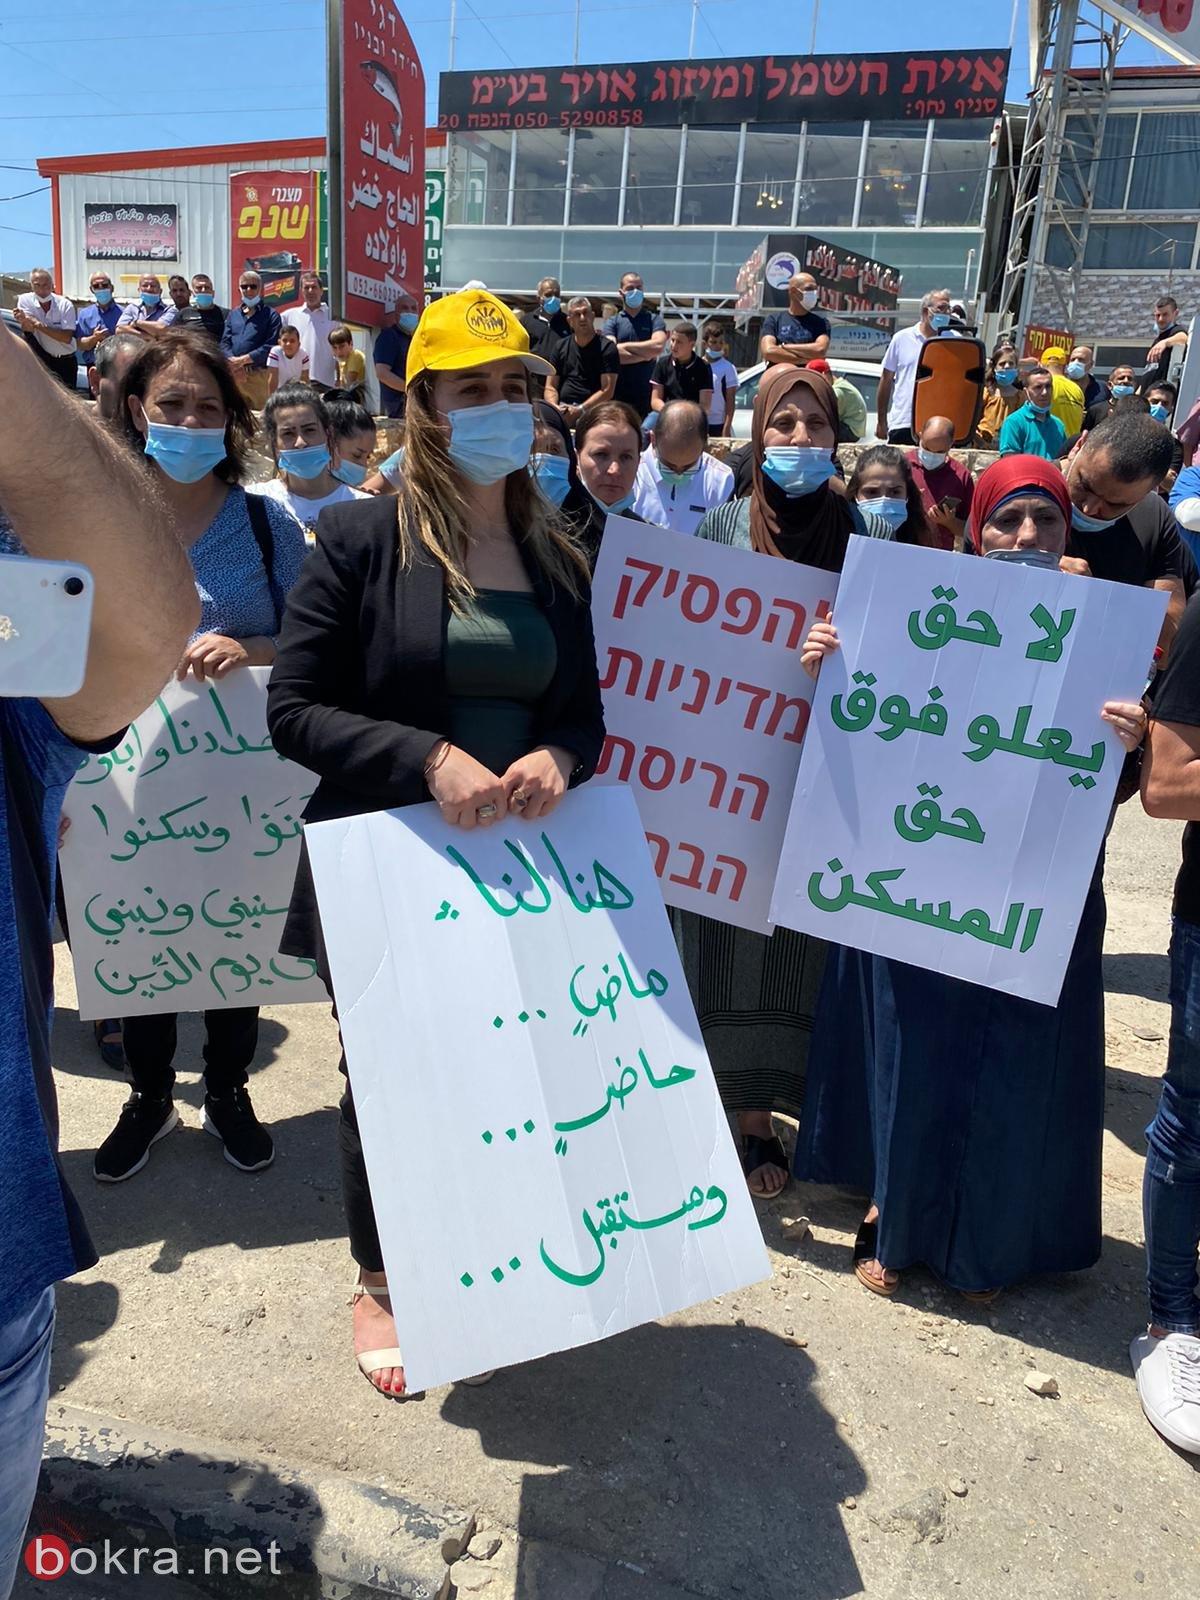 نواب العربية للتغيير يشاركون في الاحتجاجات ضد هدم البيوت في العيسوية،ونحف، ويافا